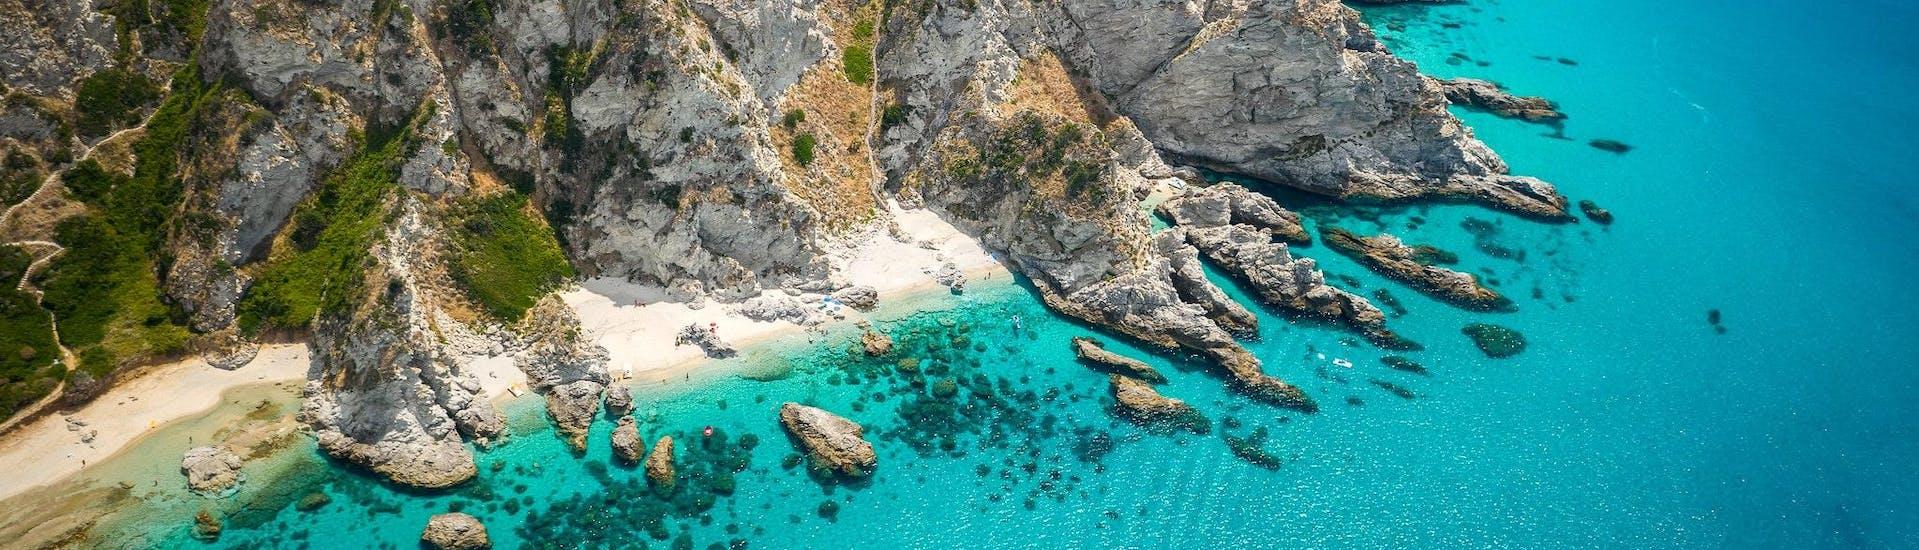 Aerial view over the rocky Capo Vaticano, which is a popular destination for boat trips along the Costa degli Dei in Calabria.